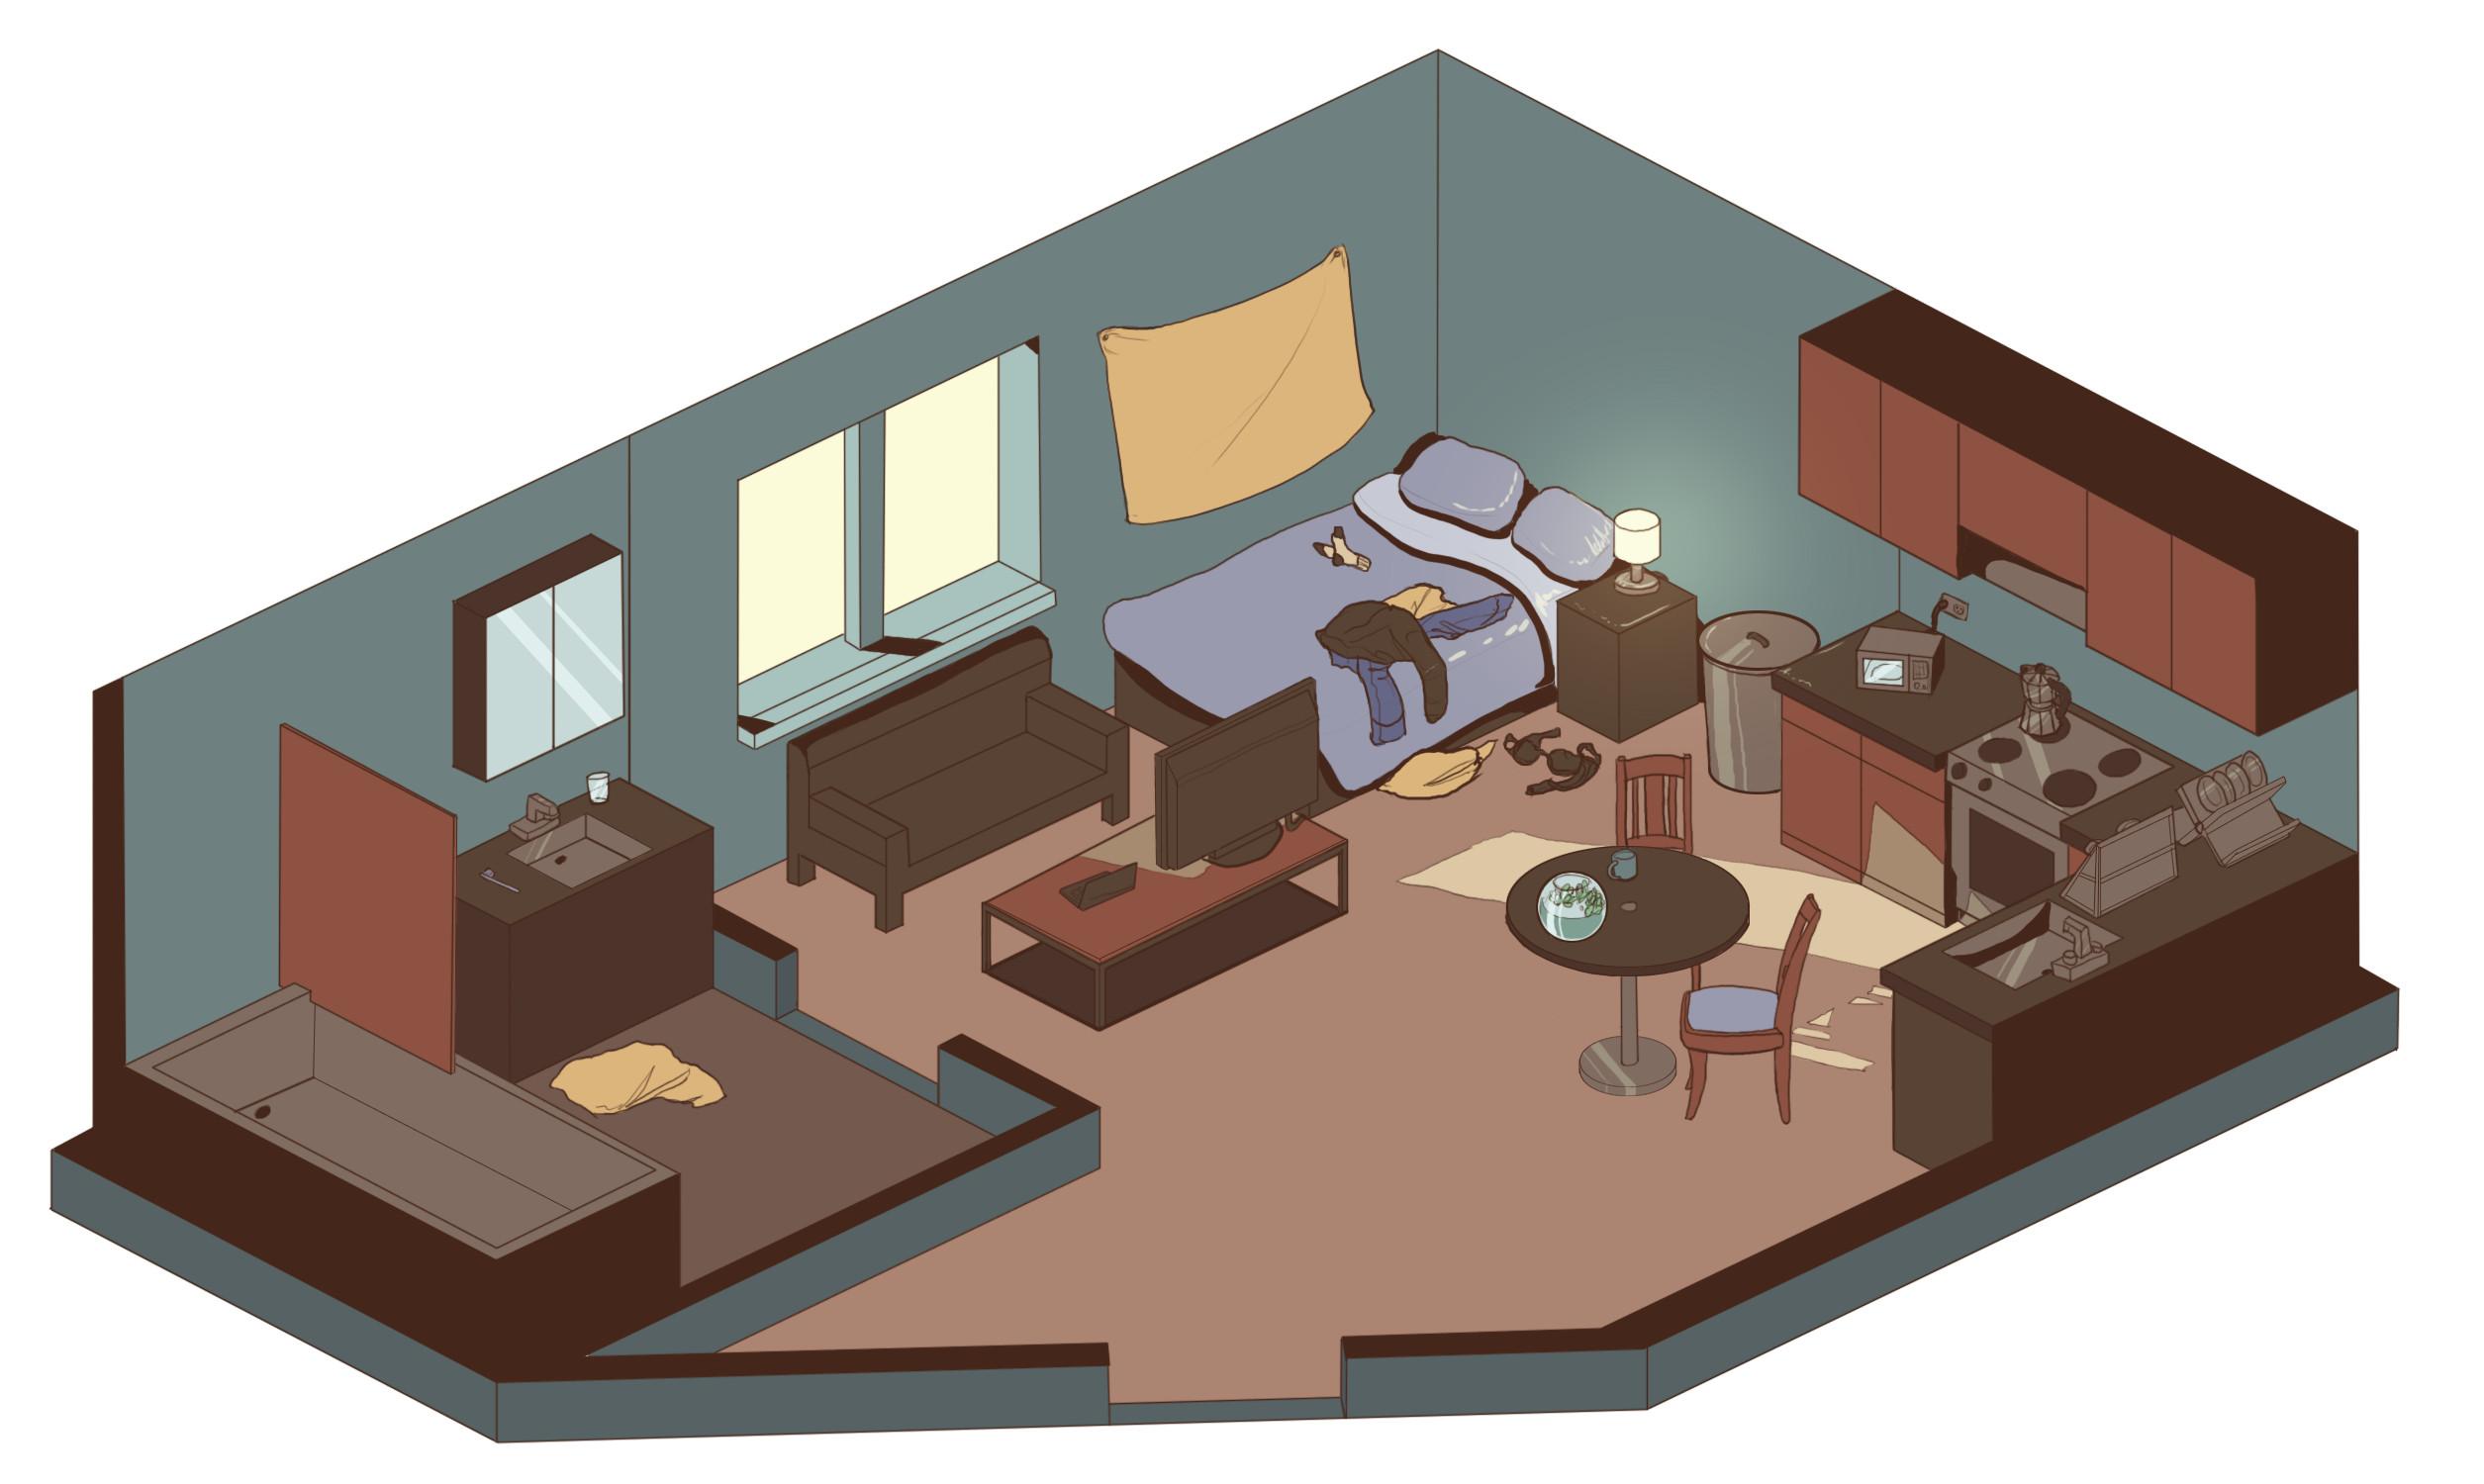 Interior studio apartment design